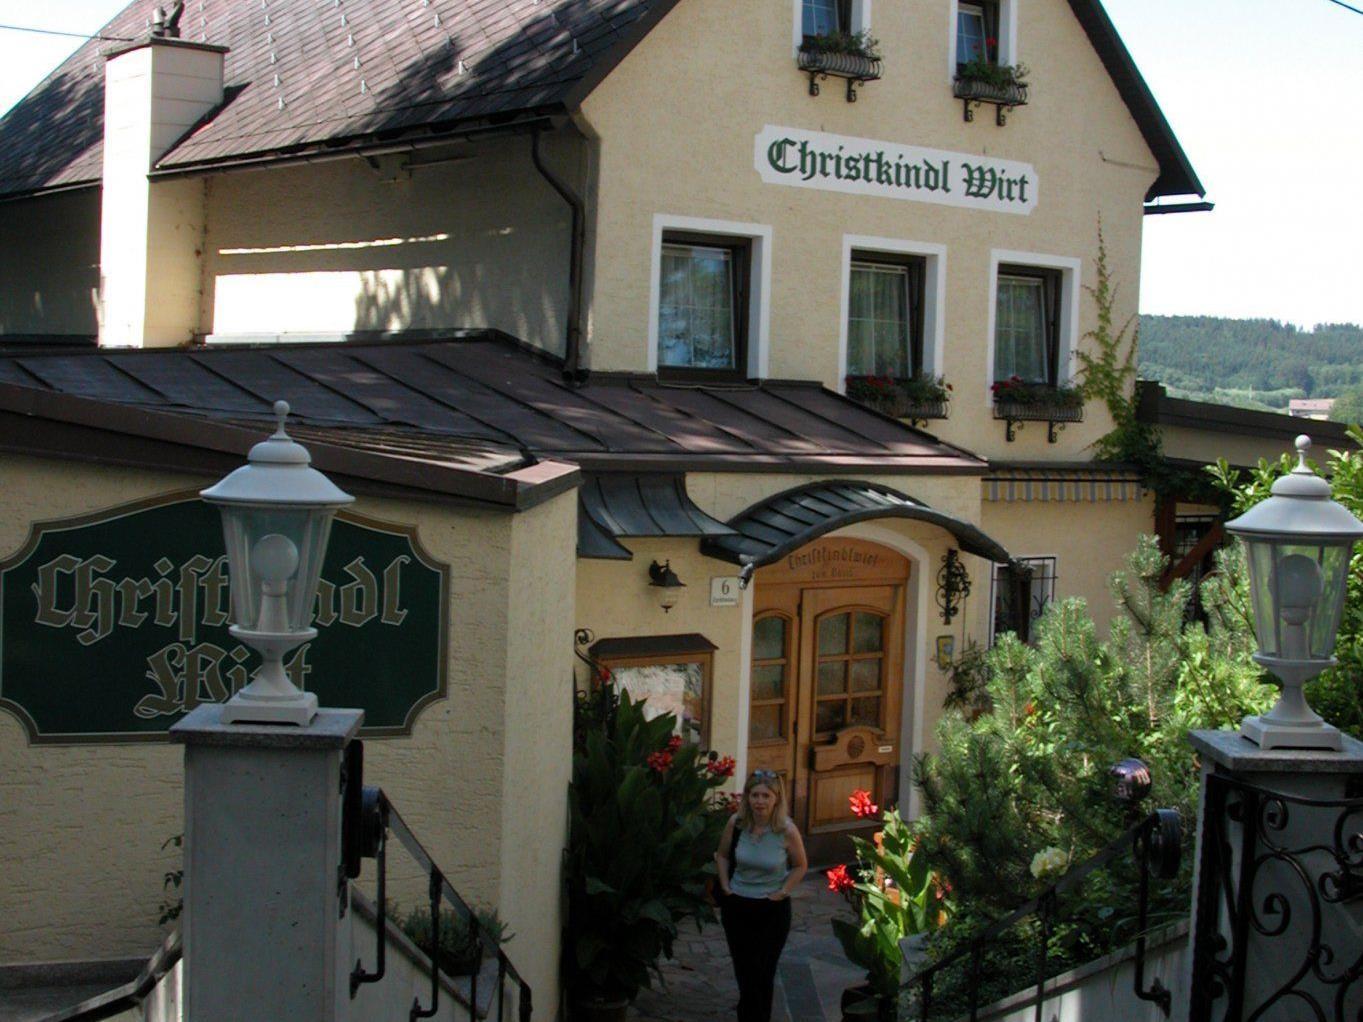 Das Weihnachts-Postamt Christkindl bei Steyr in Oberösterreich.